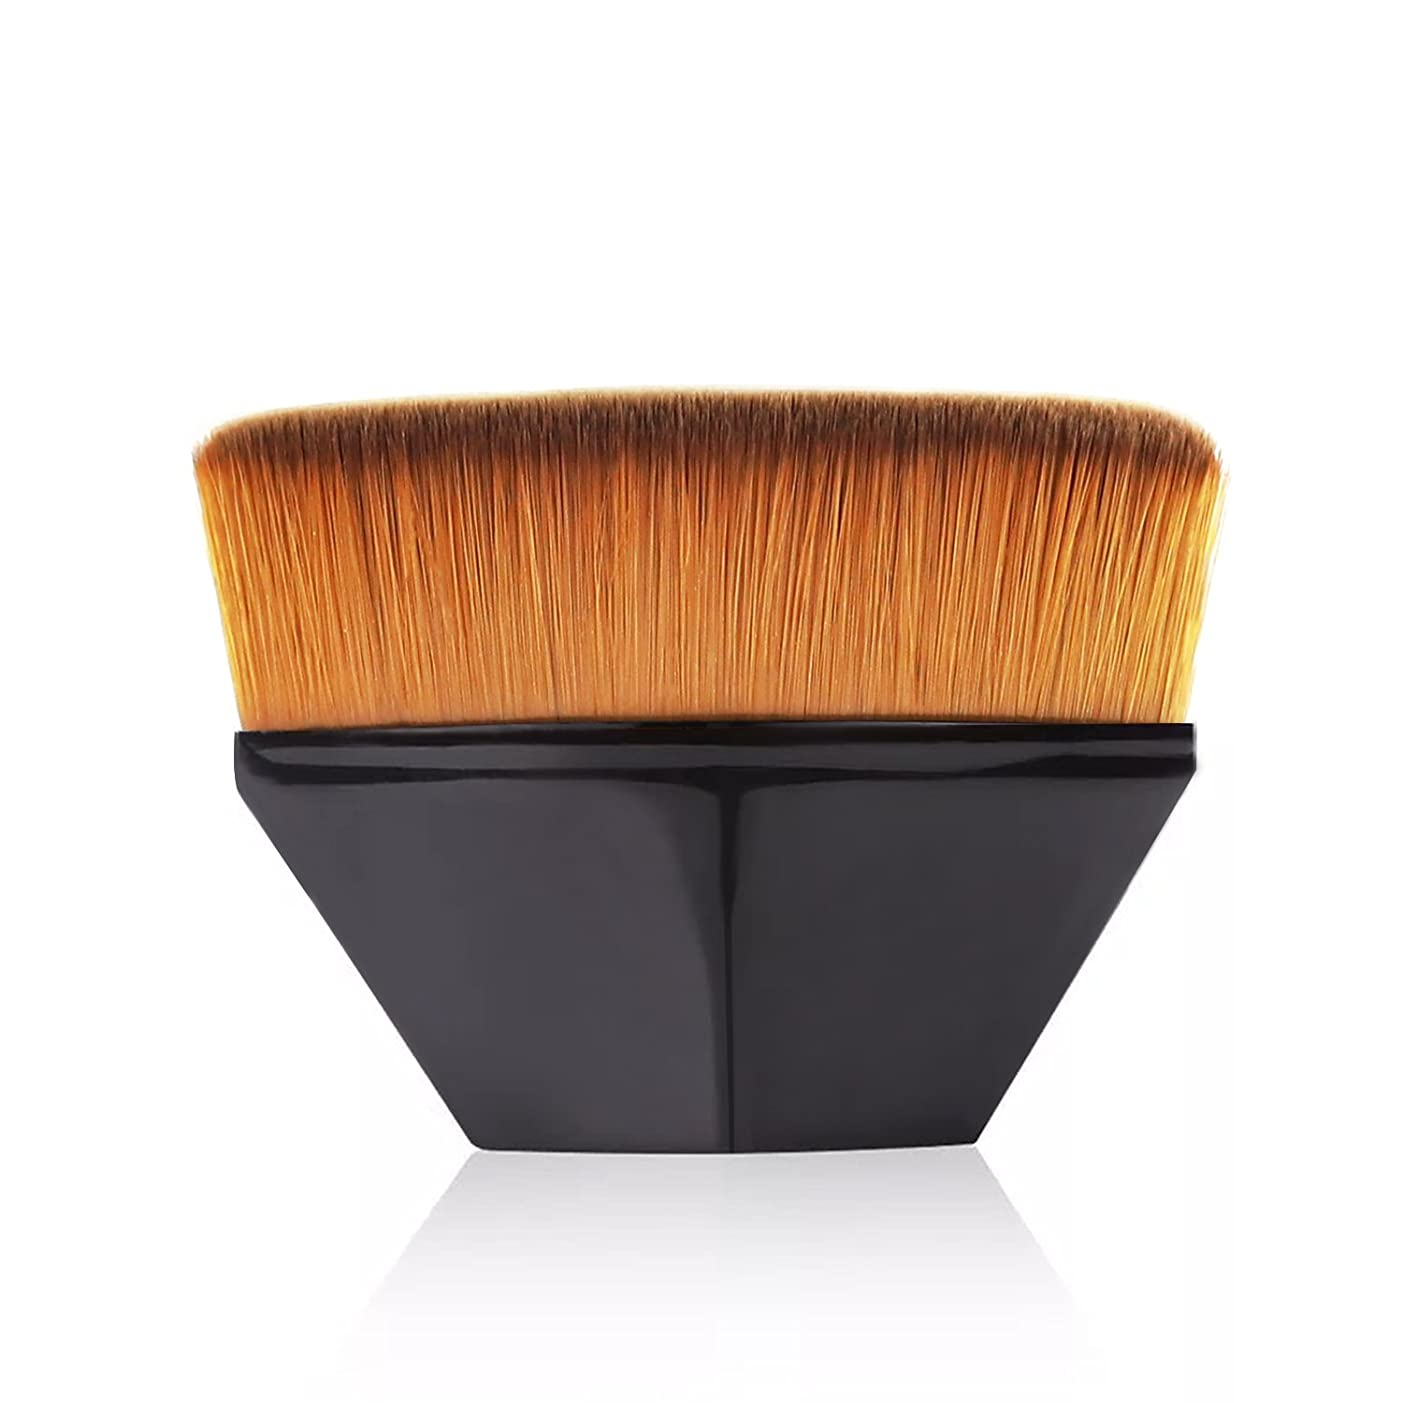 無重要大使館ペタル ファンデーション ブラシ 高密度合成毛 ベース ブラシ ブラック